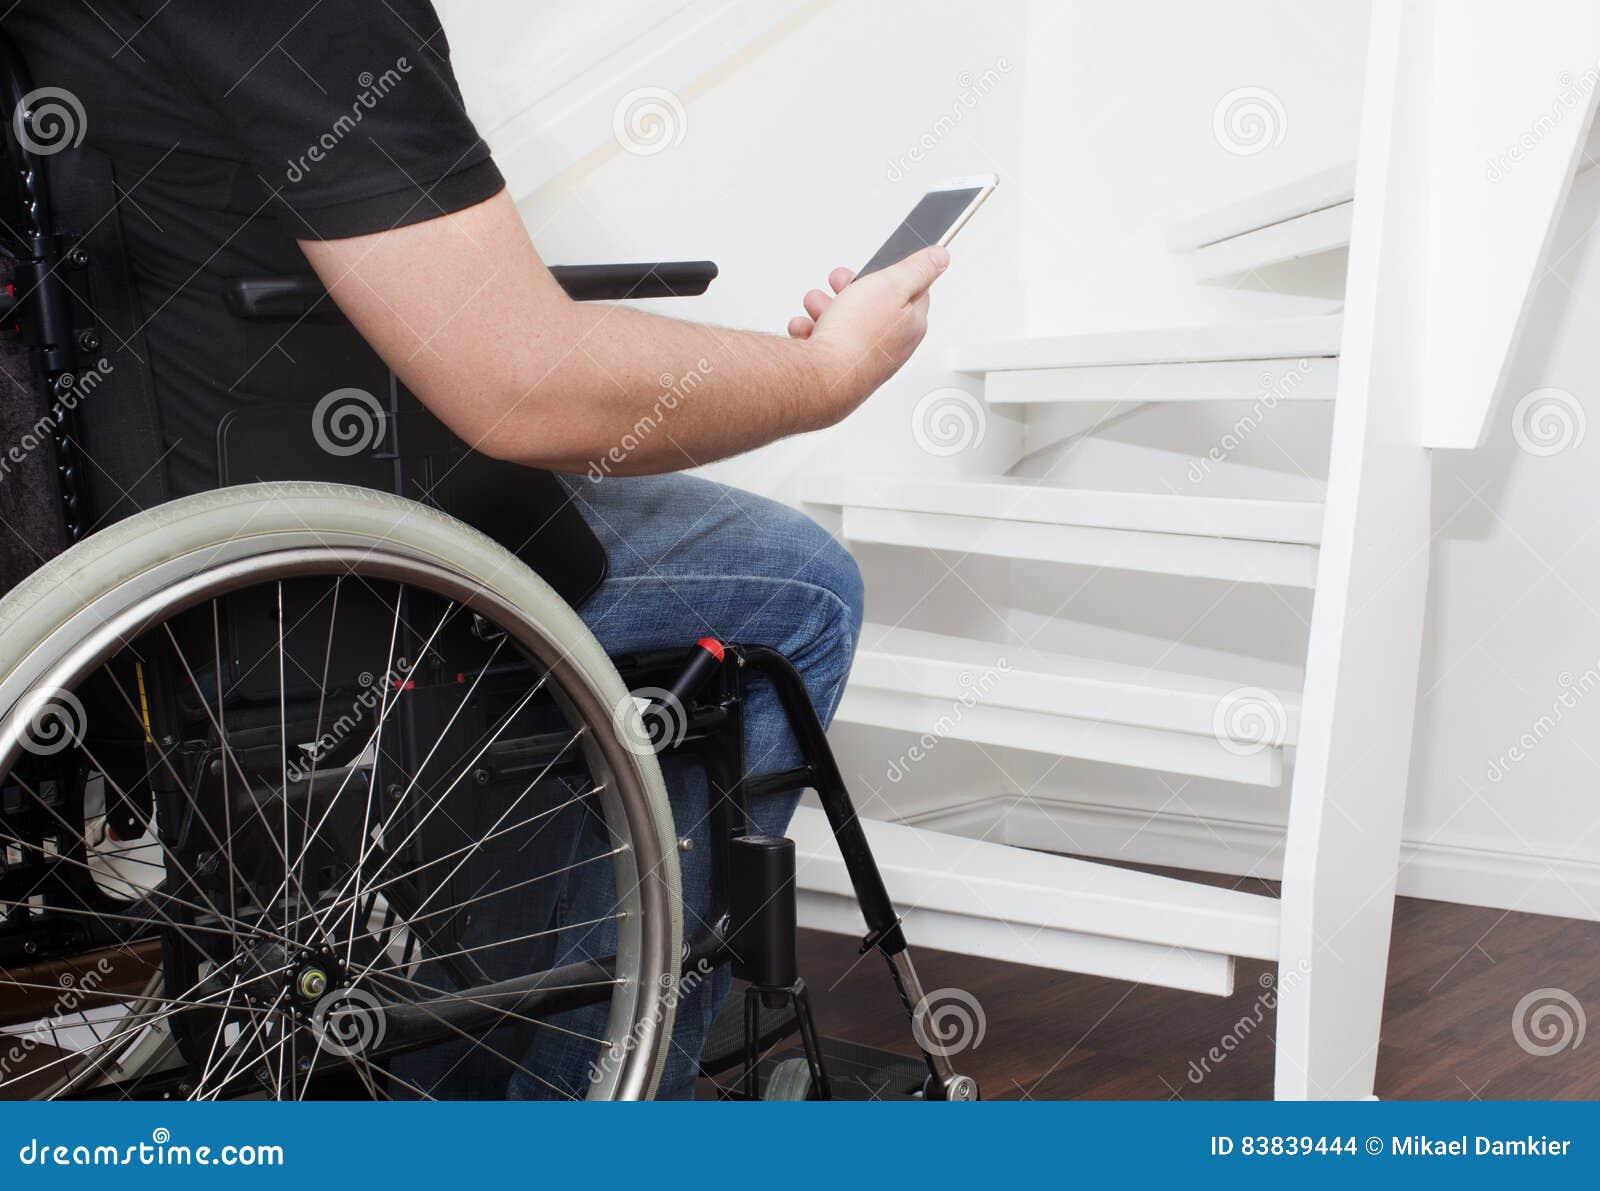 Sedia a rotelle e scale vuote fotografia stock immagine for Fisico sedia a rotelle